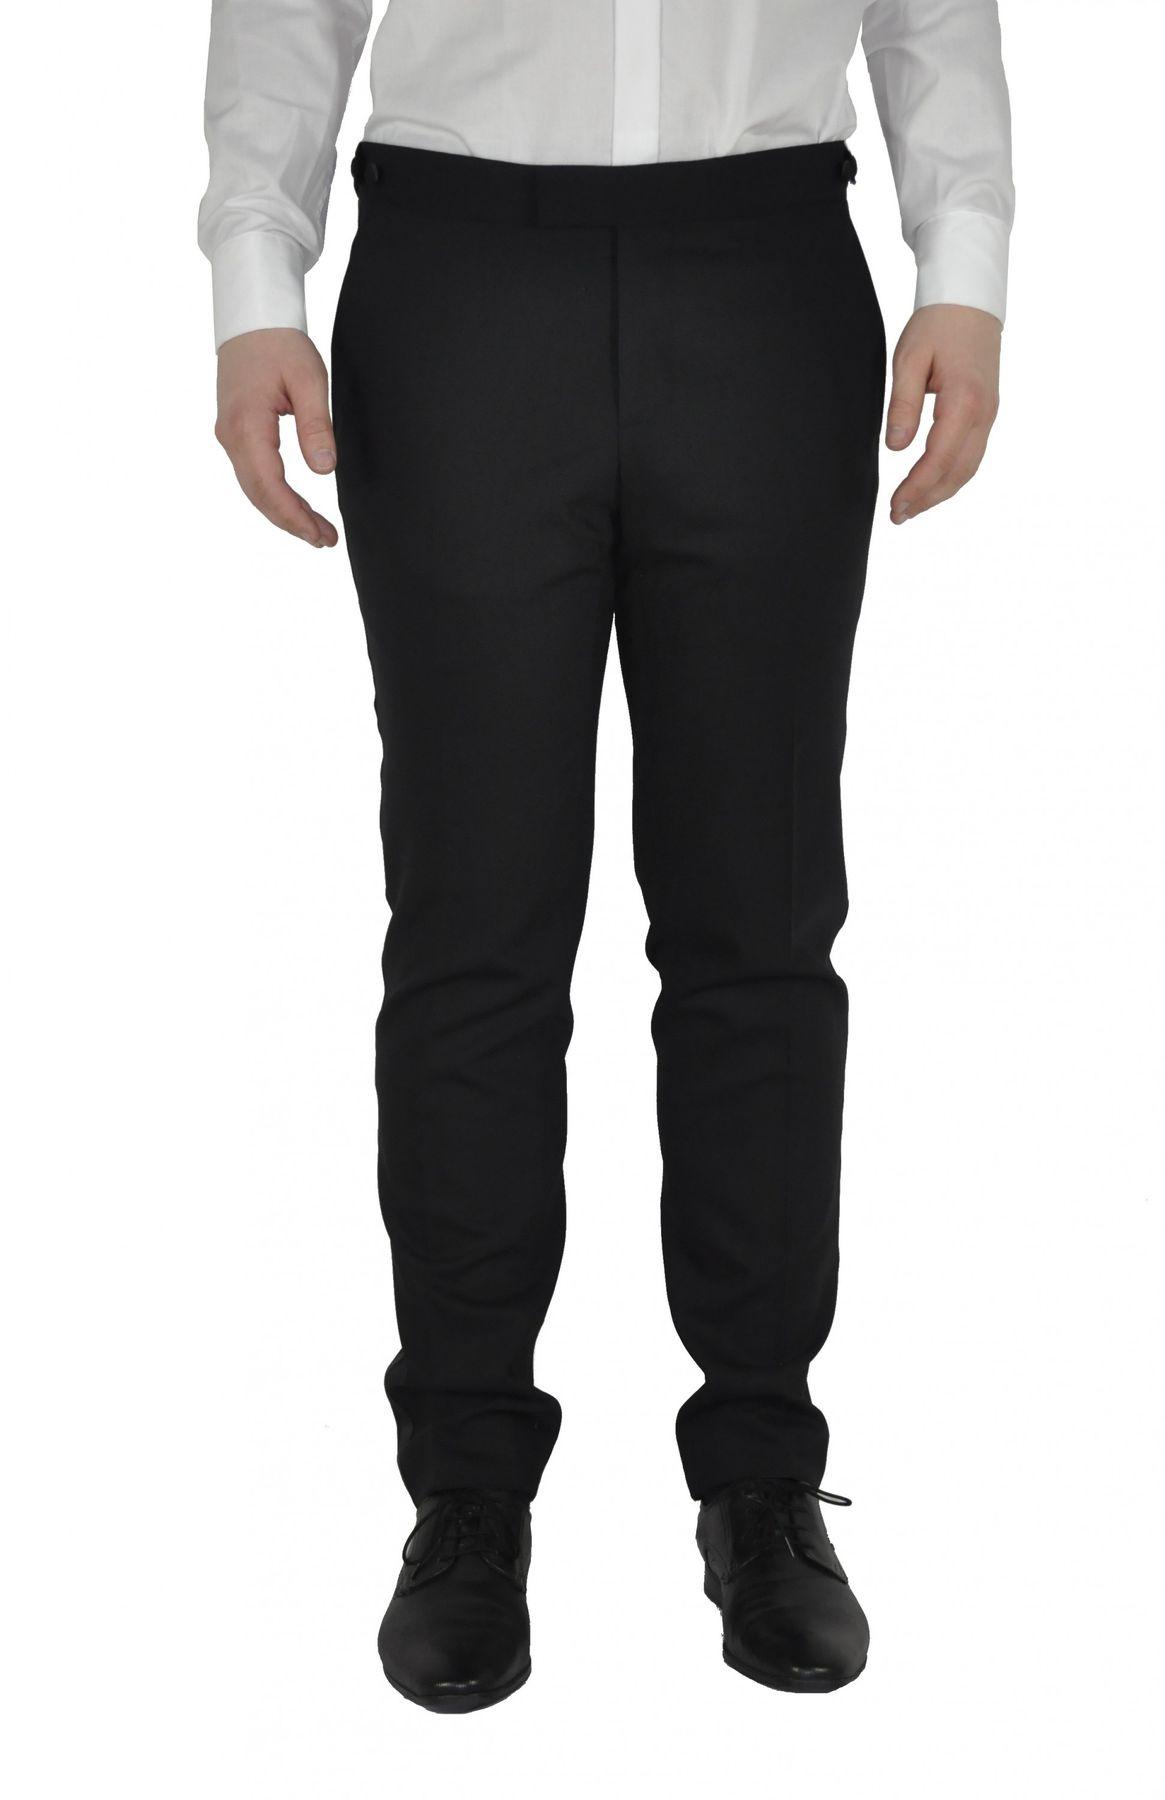 Masterhand - Slim Fit - Festliche Herren Smoking Hose aus reiner Schurwolle in Schwarz, 900 8001 (Stacy) – Bild 1